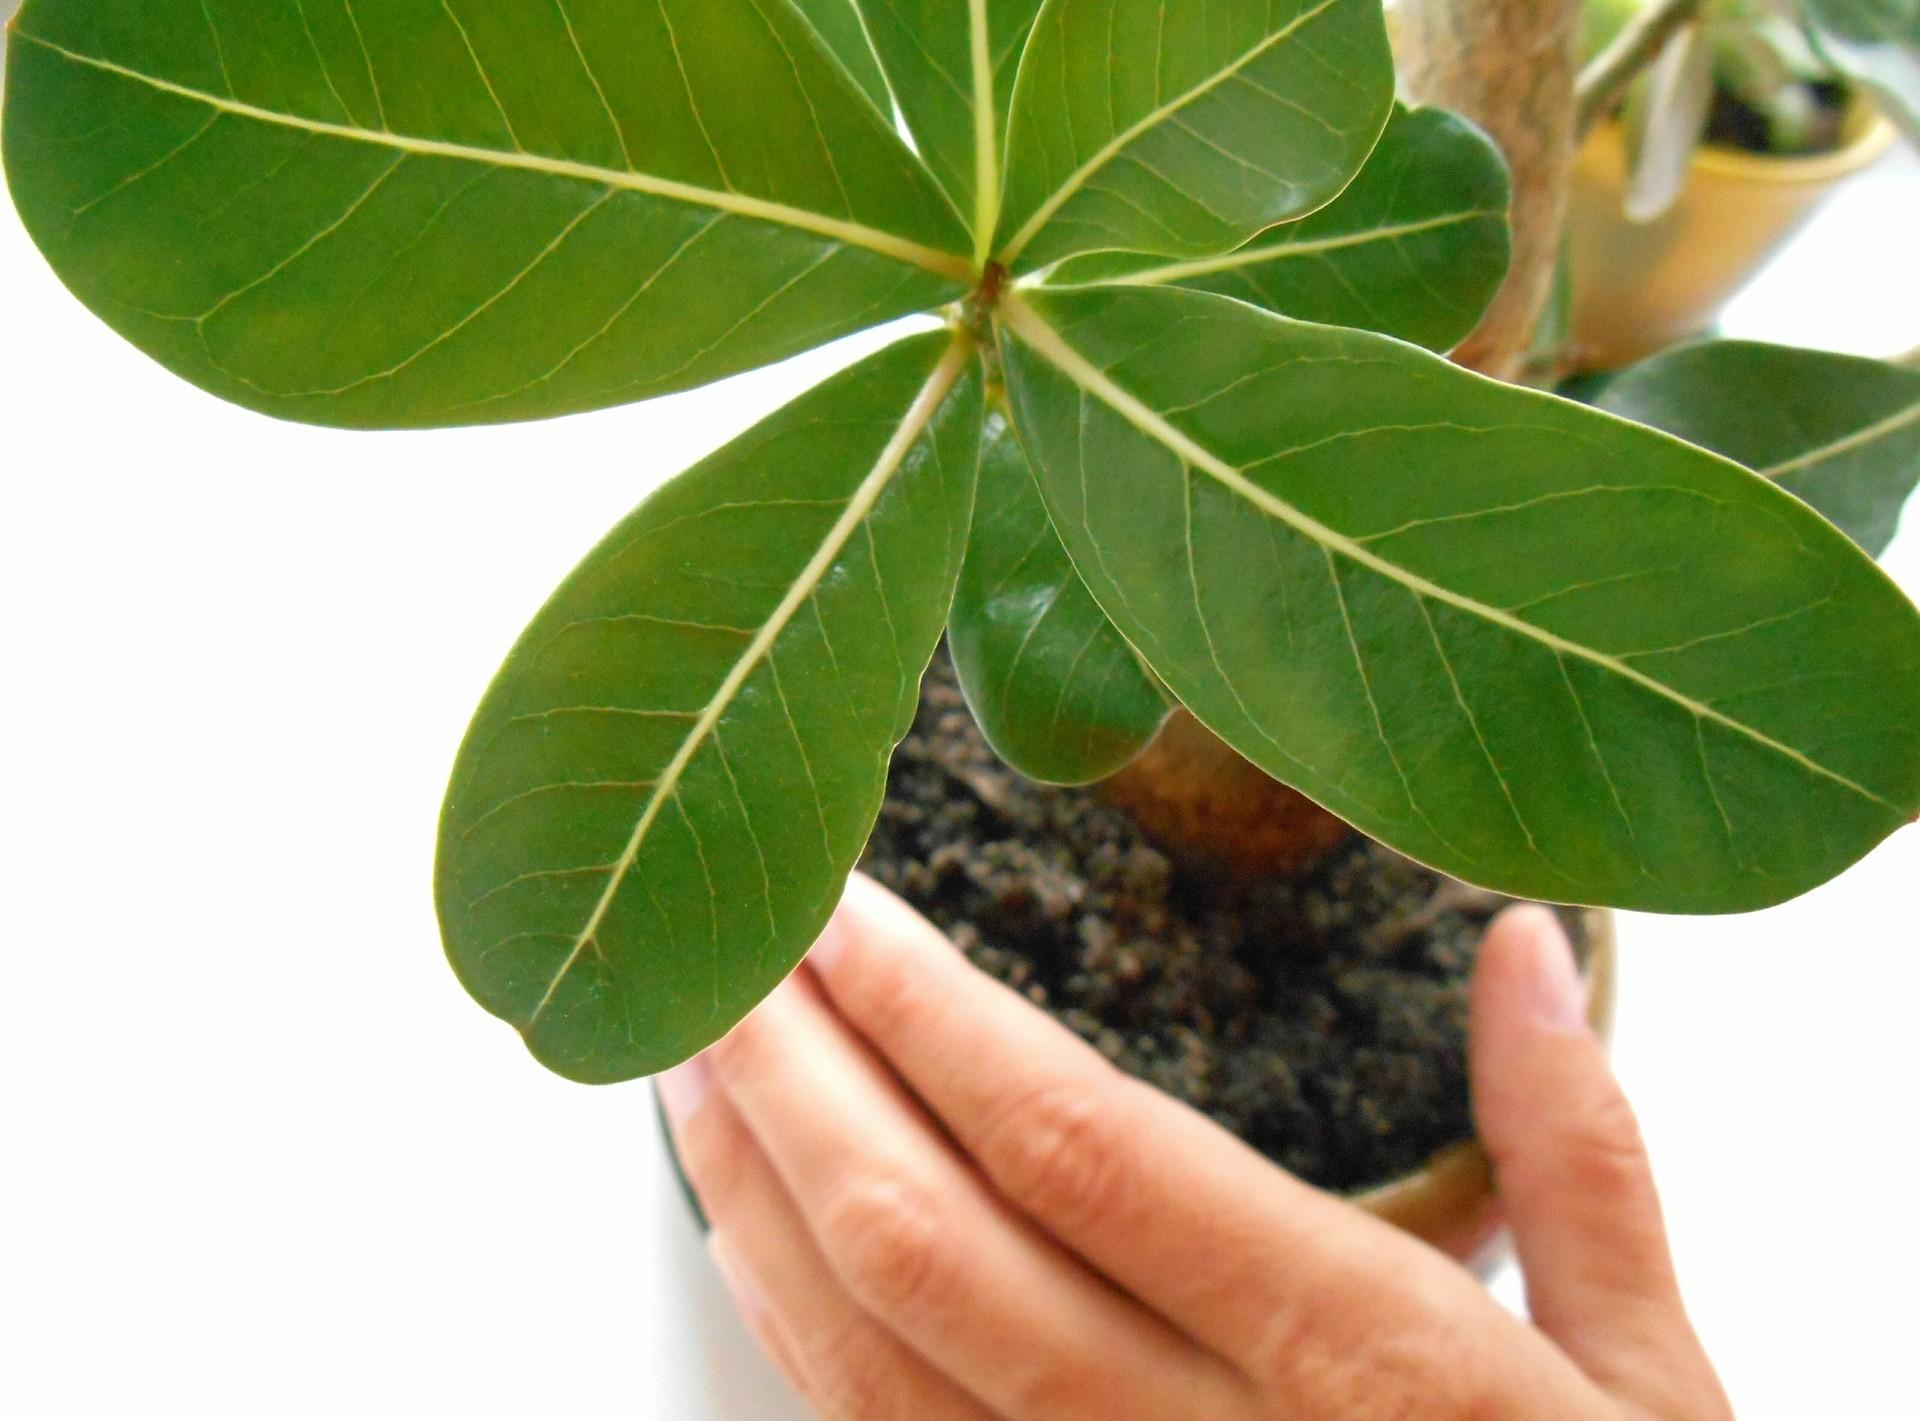 Plants around us example photo